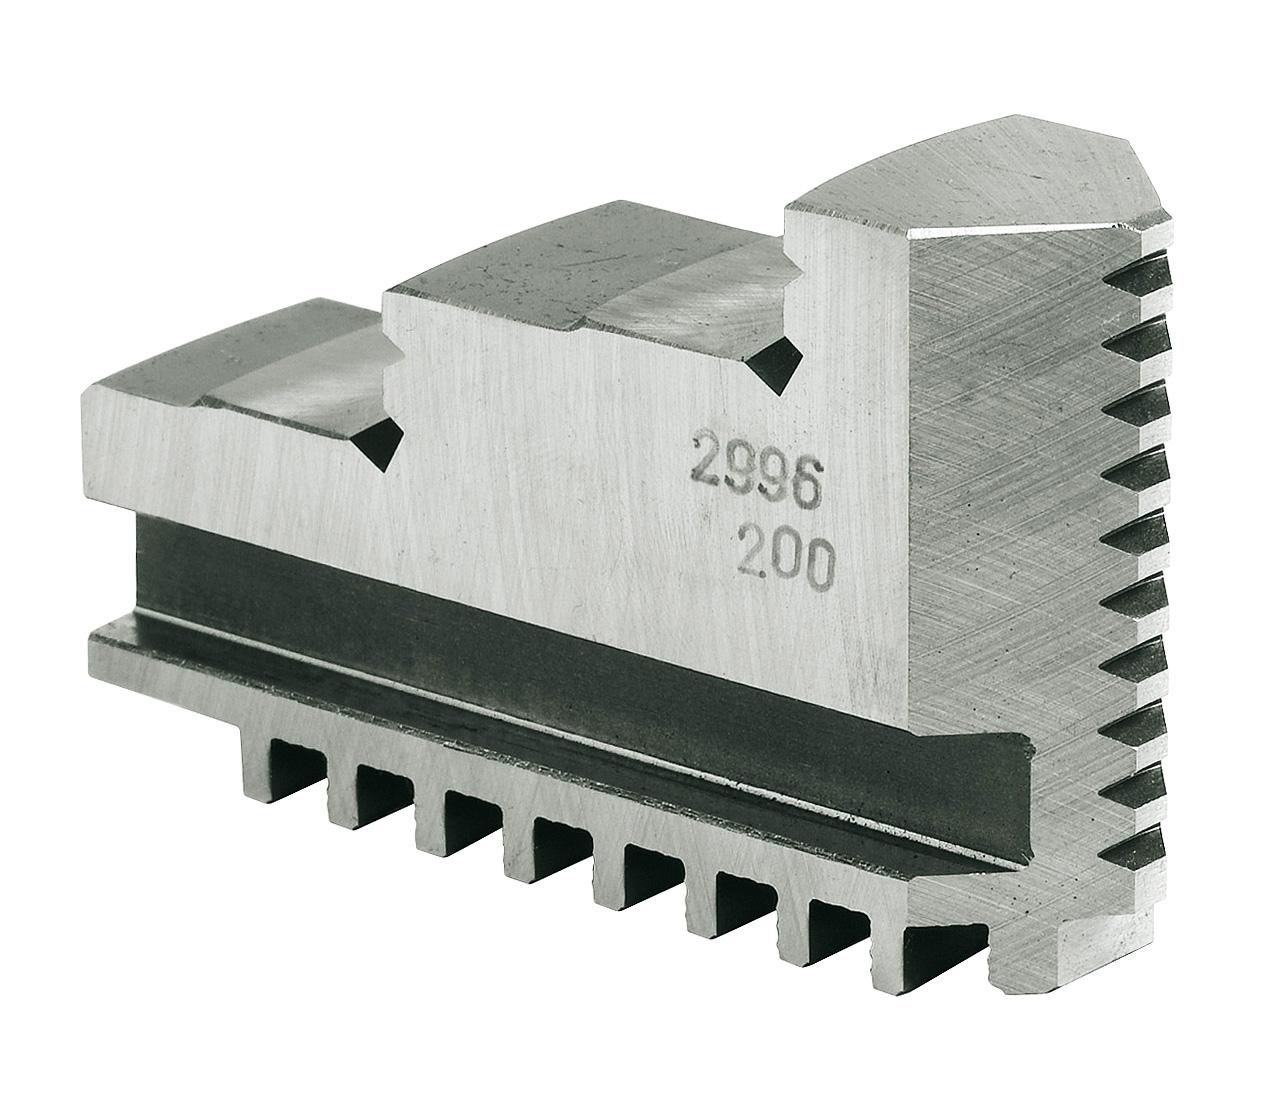 Szczęki jednolite twarde zewnętrzne - komplet DOJ-DK12-315 BERNARDO